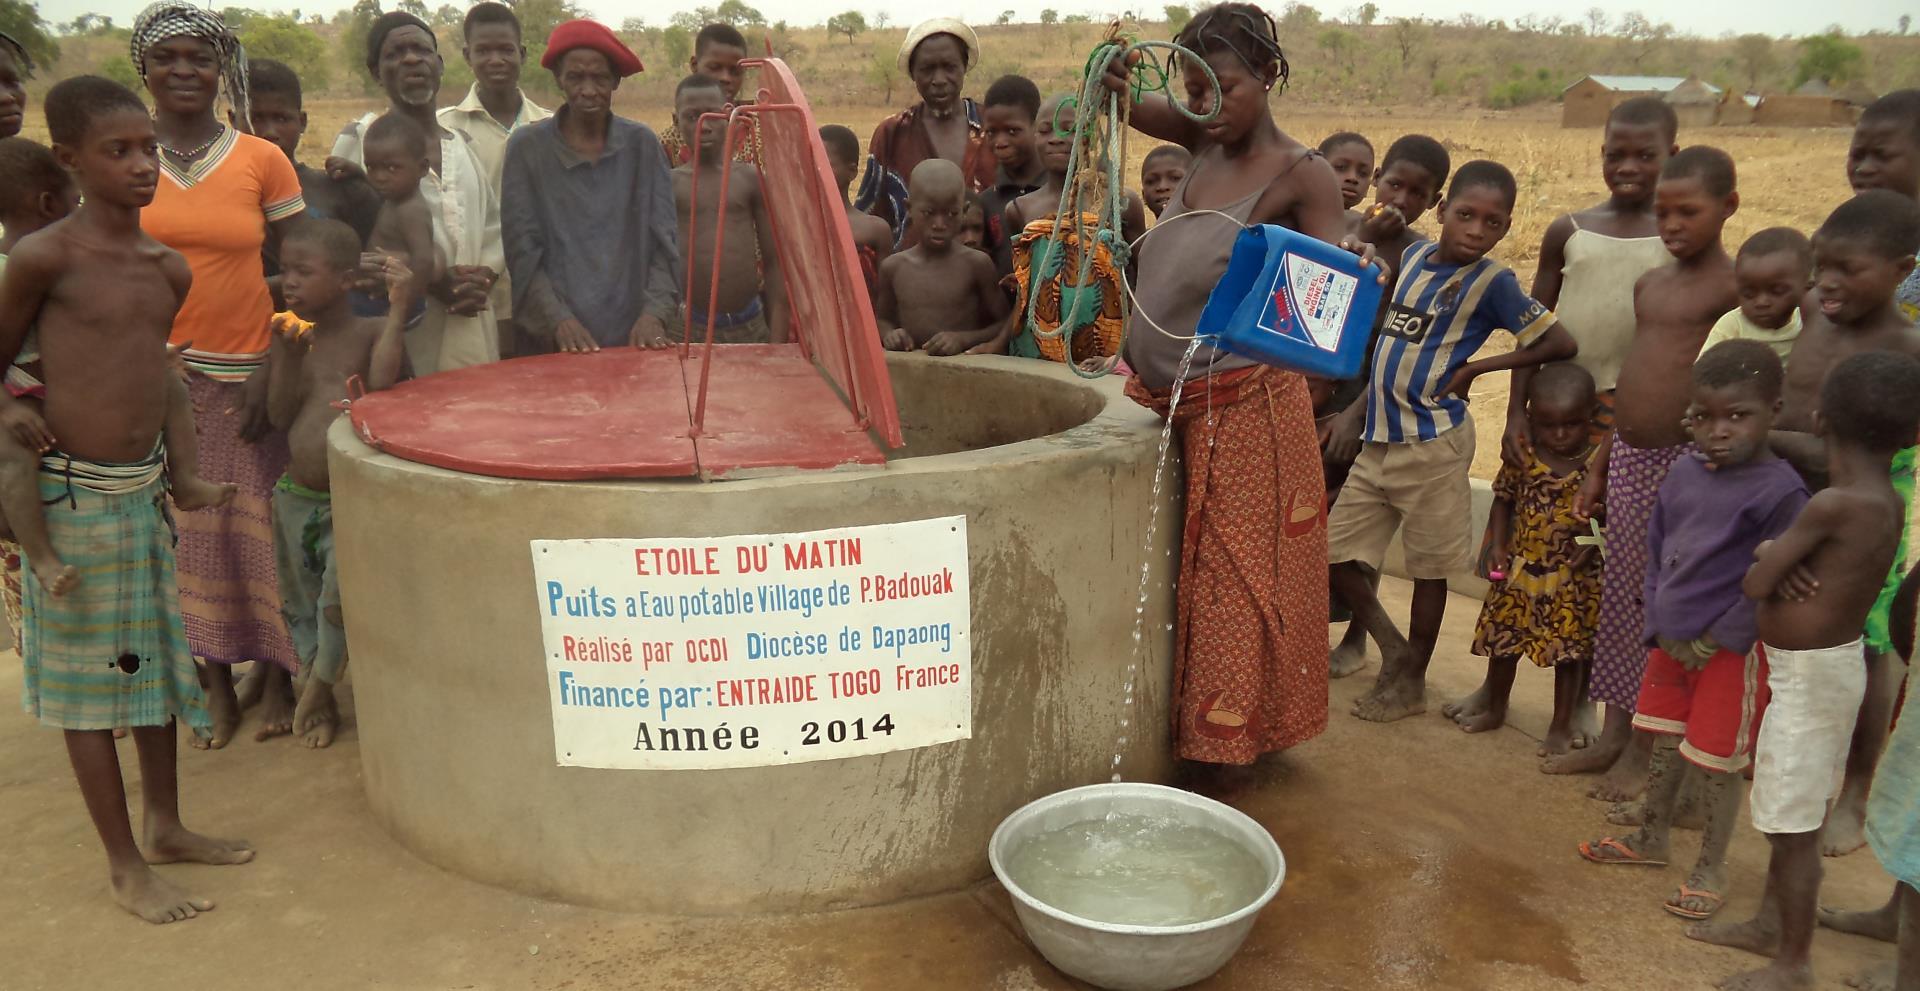 Soutenez le projet d'accès à l'eau potable dans le village de Kambélé (région des Savanes, Togo) - ENTRAIDE TOGO